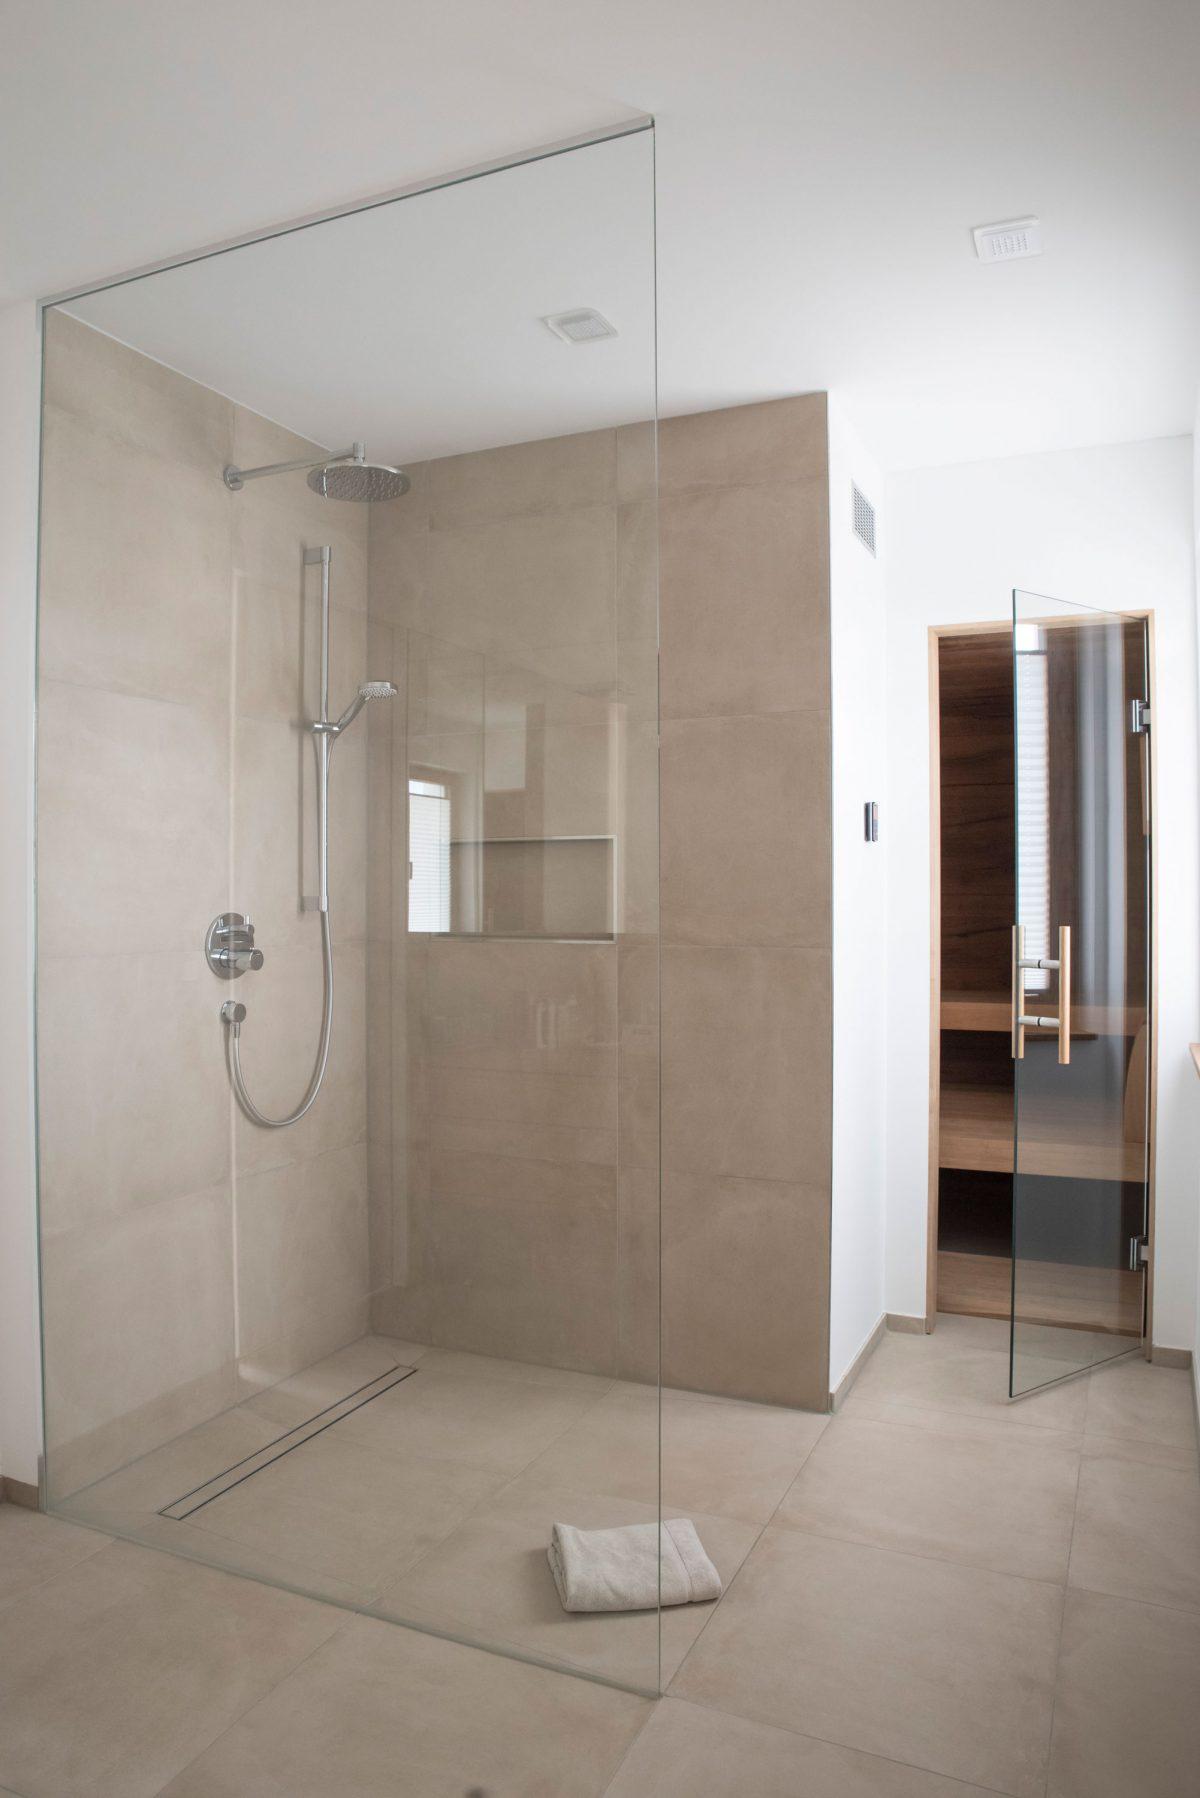 Walk-In Duschbereich im Wellness Bereich des Hauses WEL mit bodengleichem Abflusssystem und runder Regenwald-Brause.